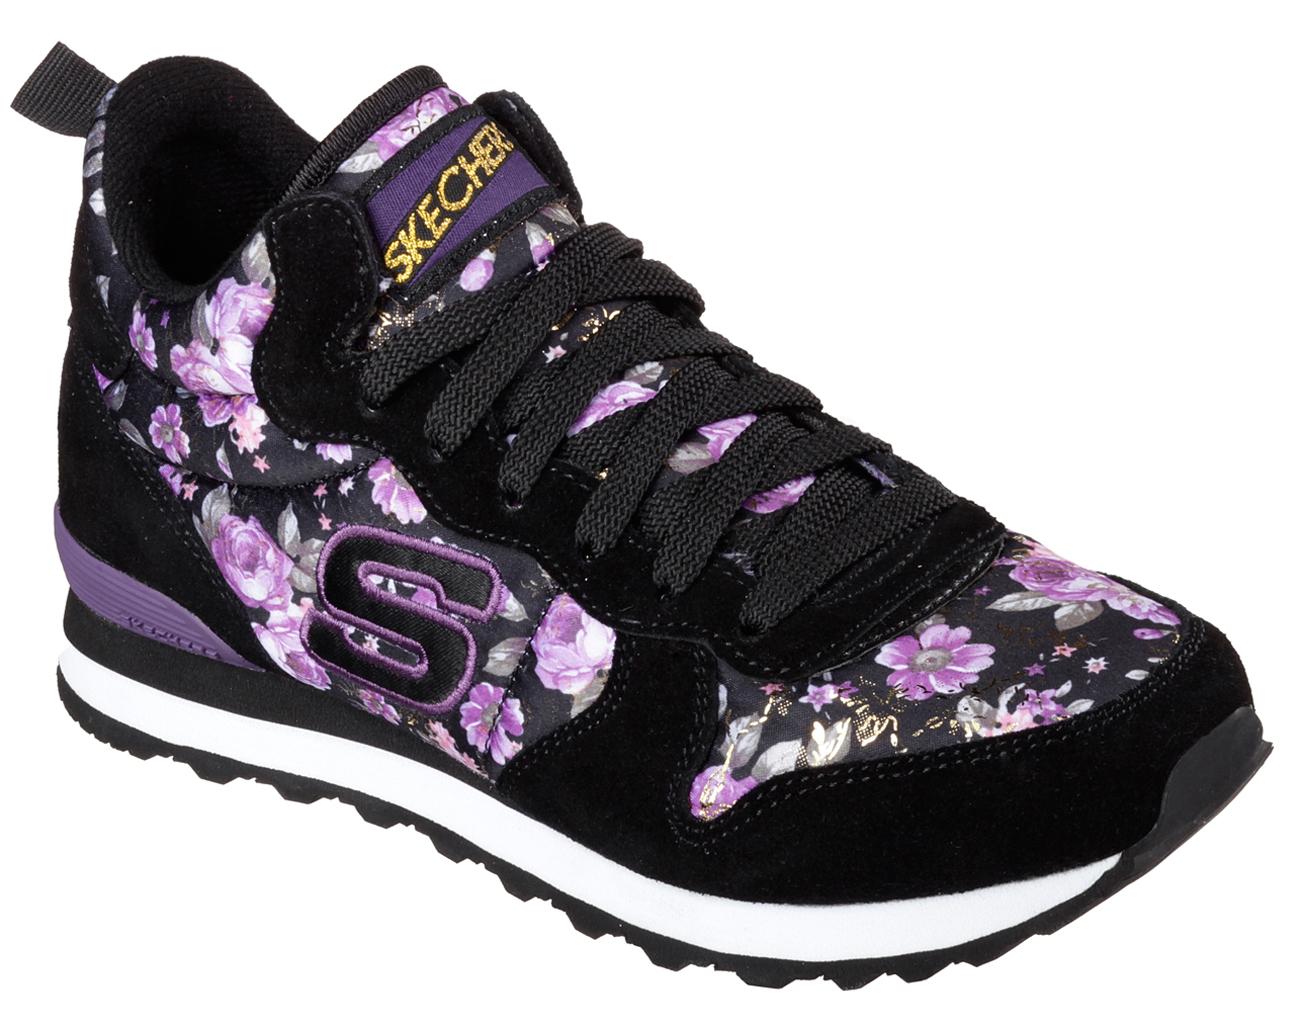 Skechers 121 Og 85 Women S Black Purple Hollywood Rose Ebay